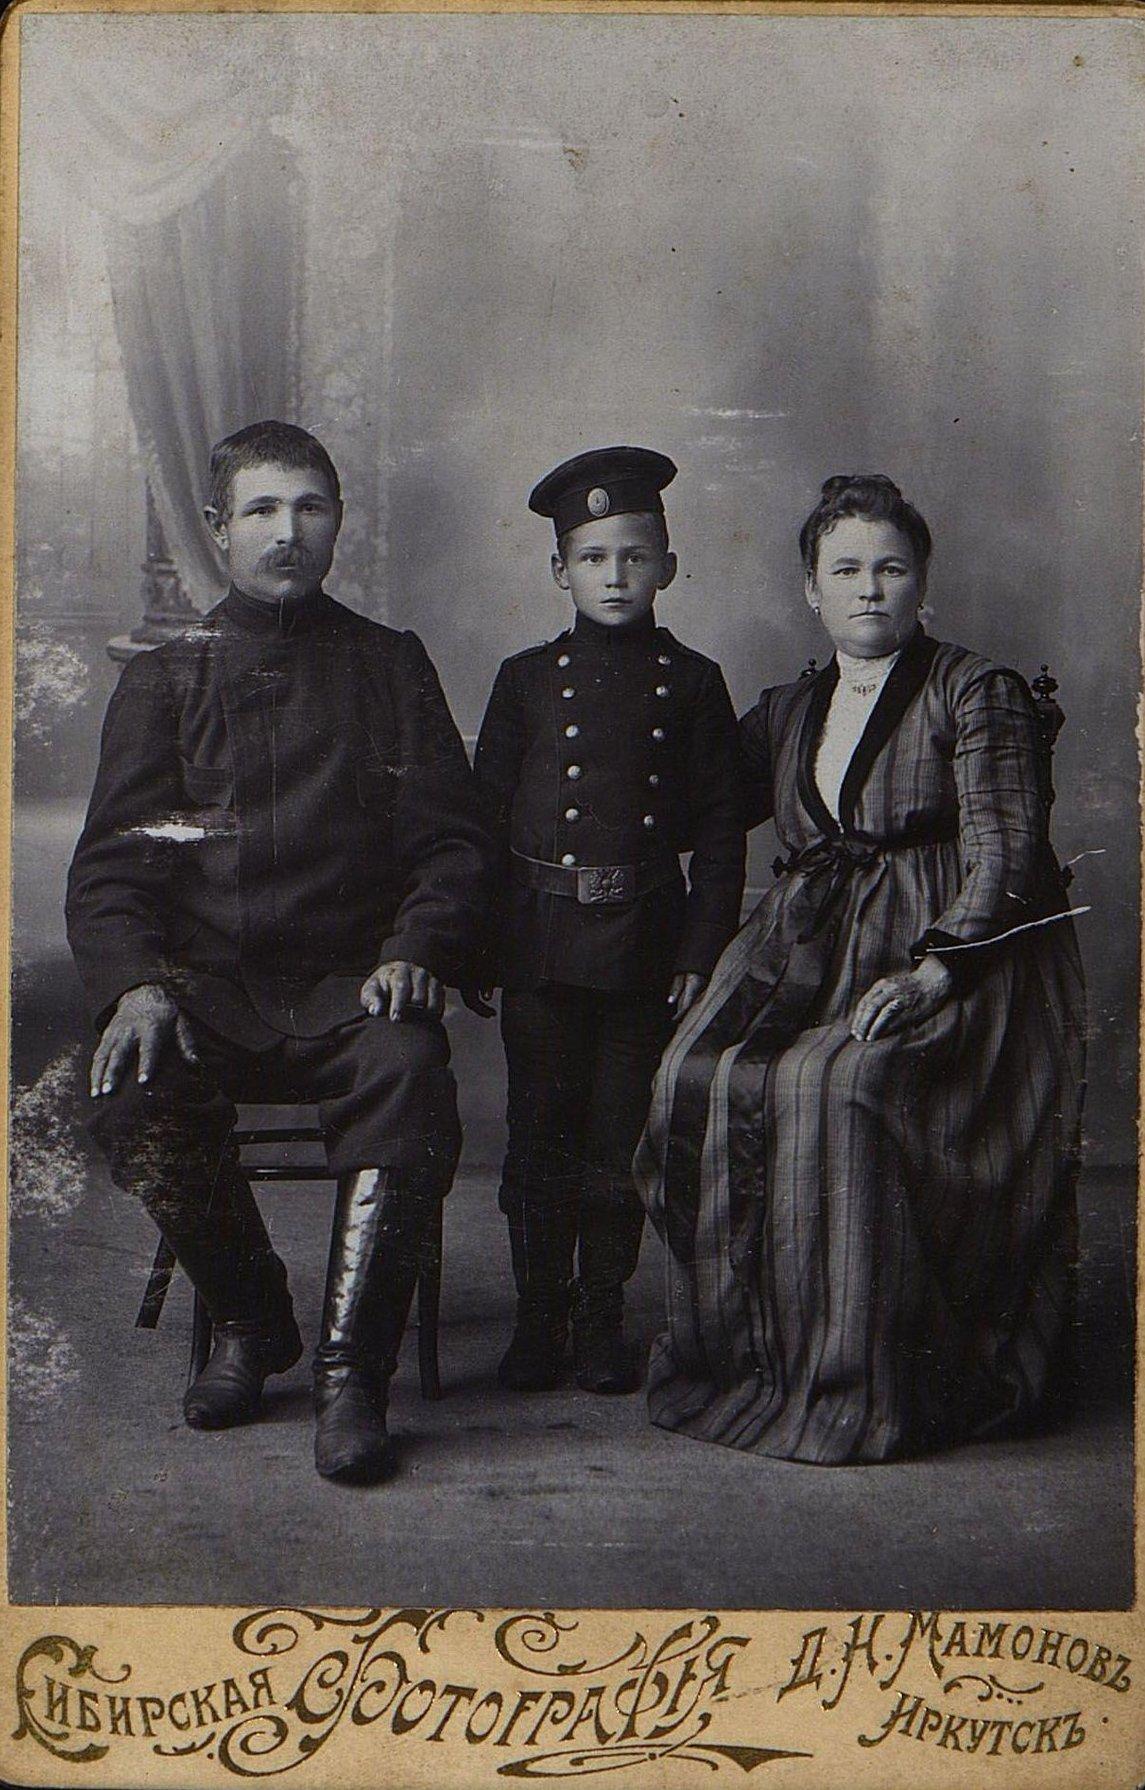 07. Ивановы, иркутские мещане. Мамонов Д.Н. 1910-1915